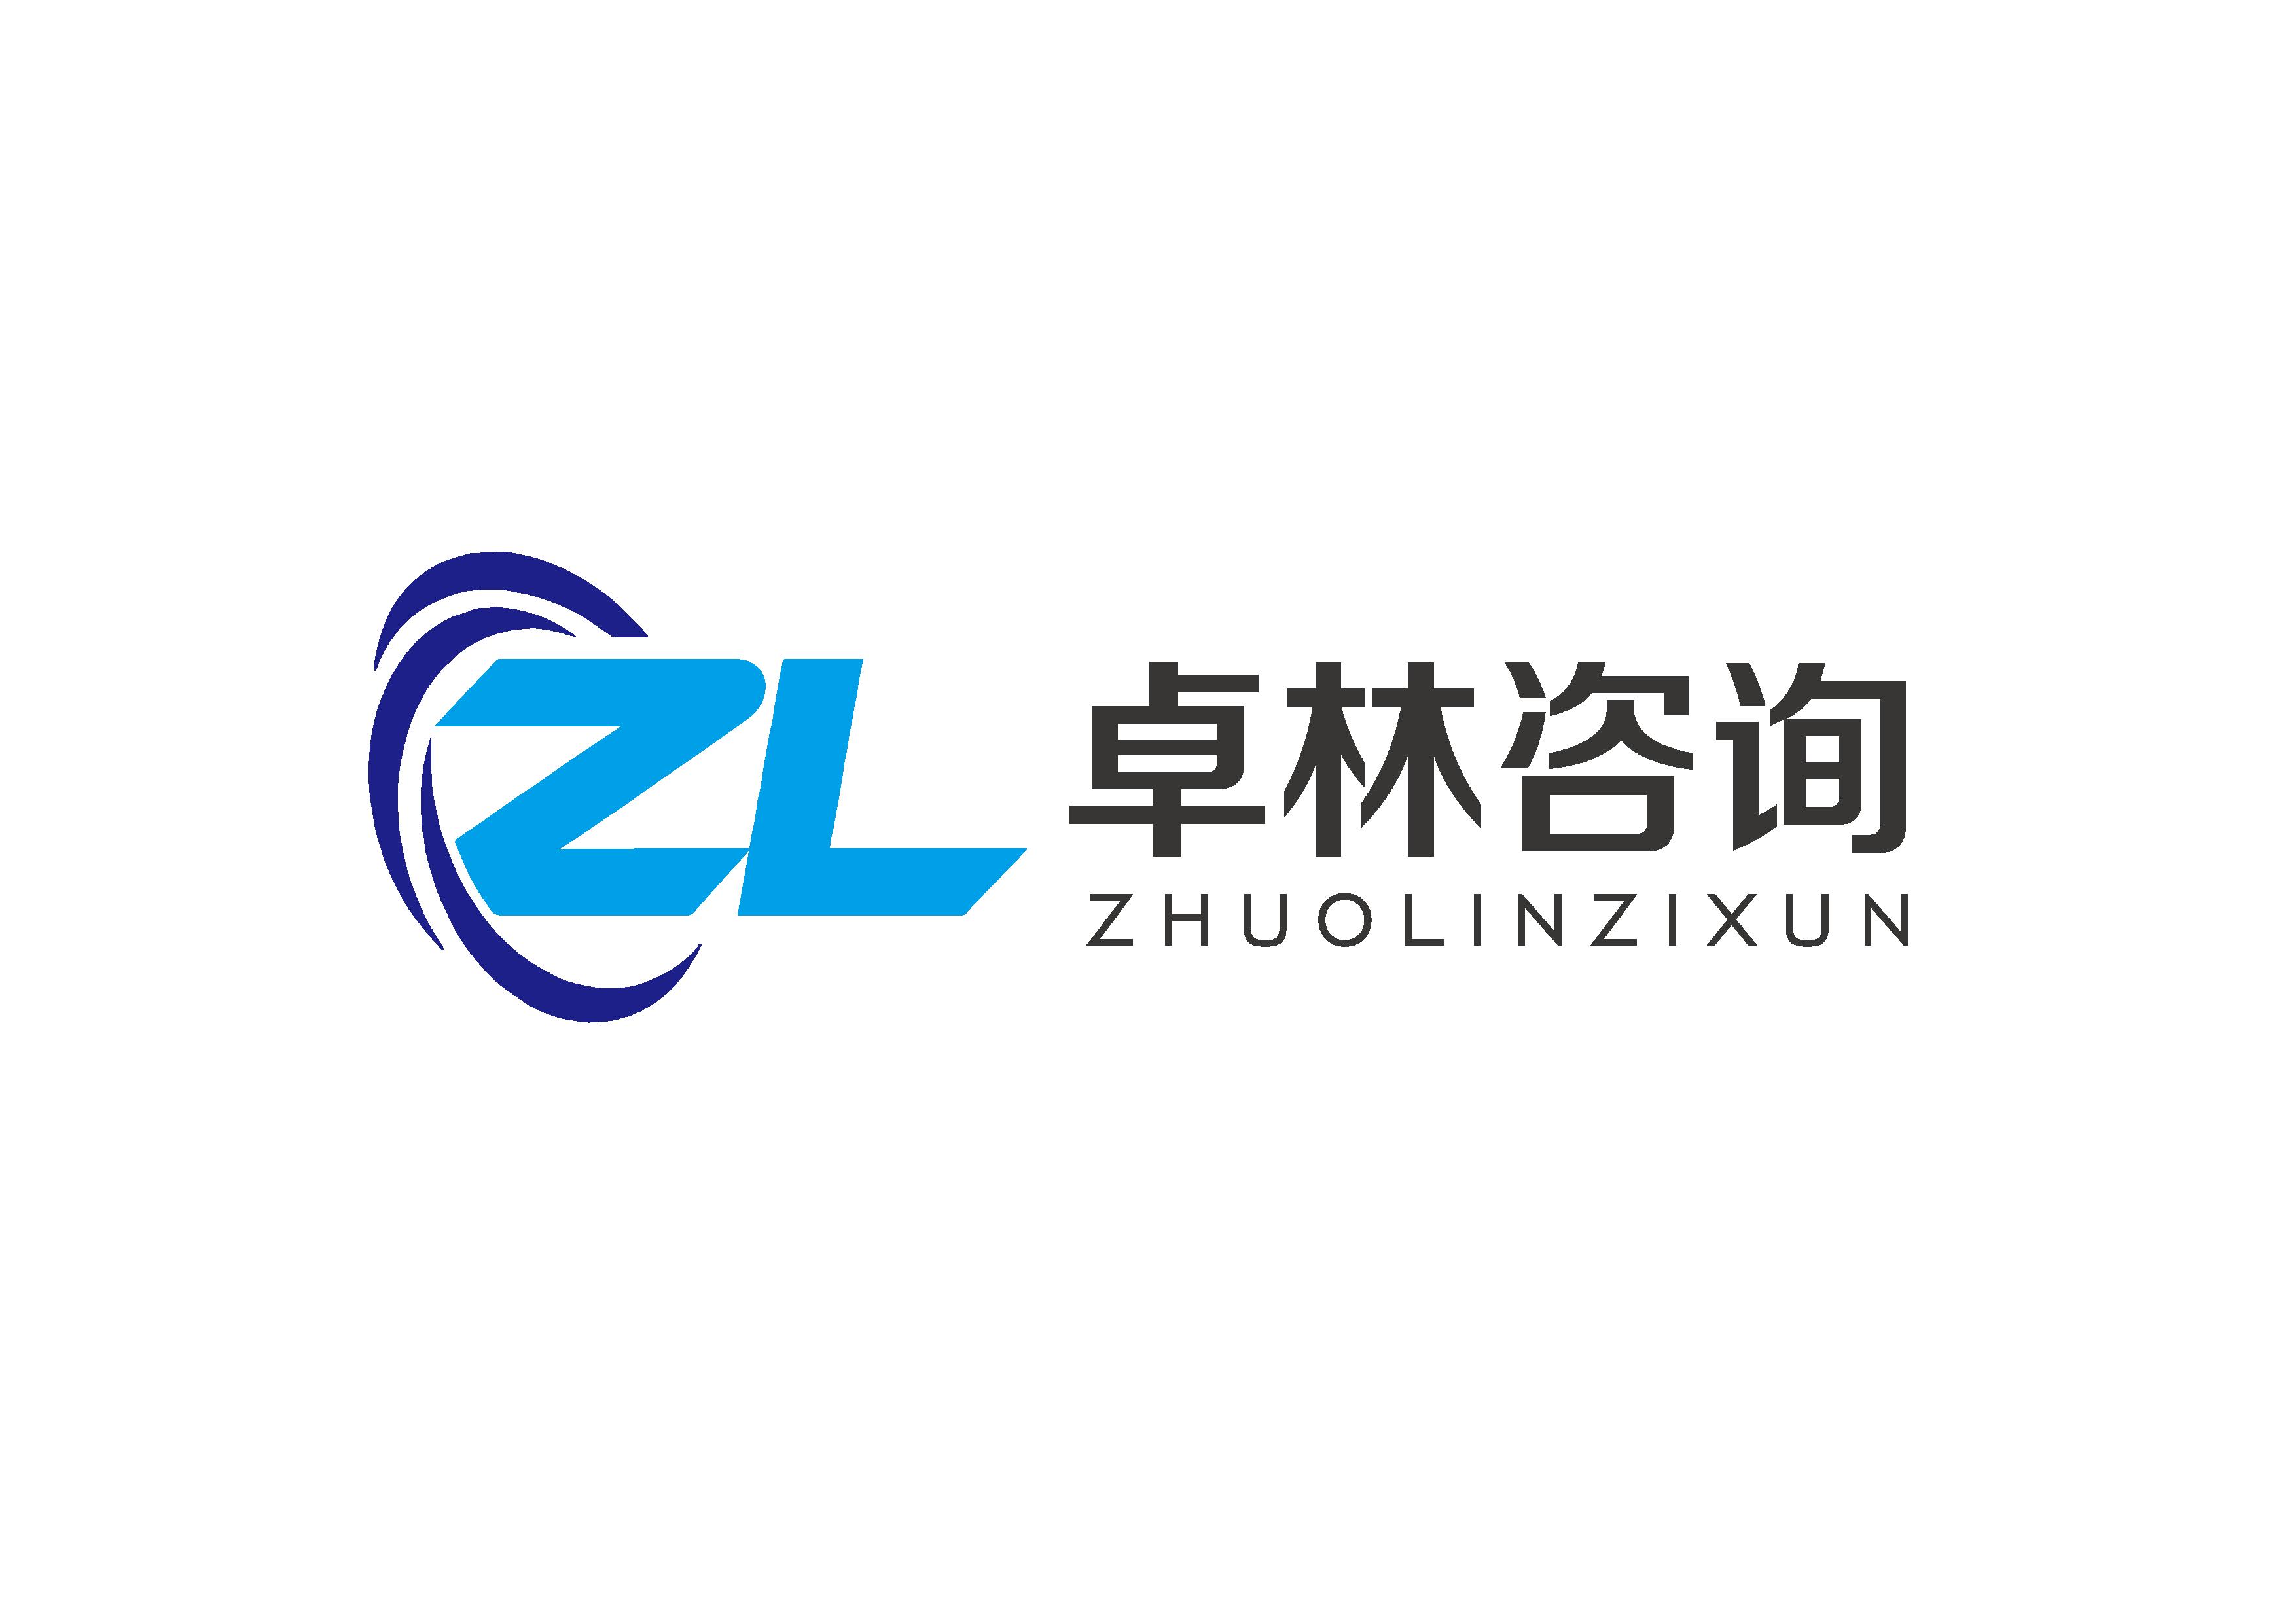 张家界卓林企业管理咨询有限公司